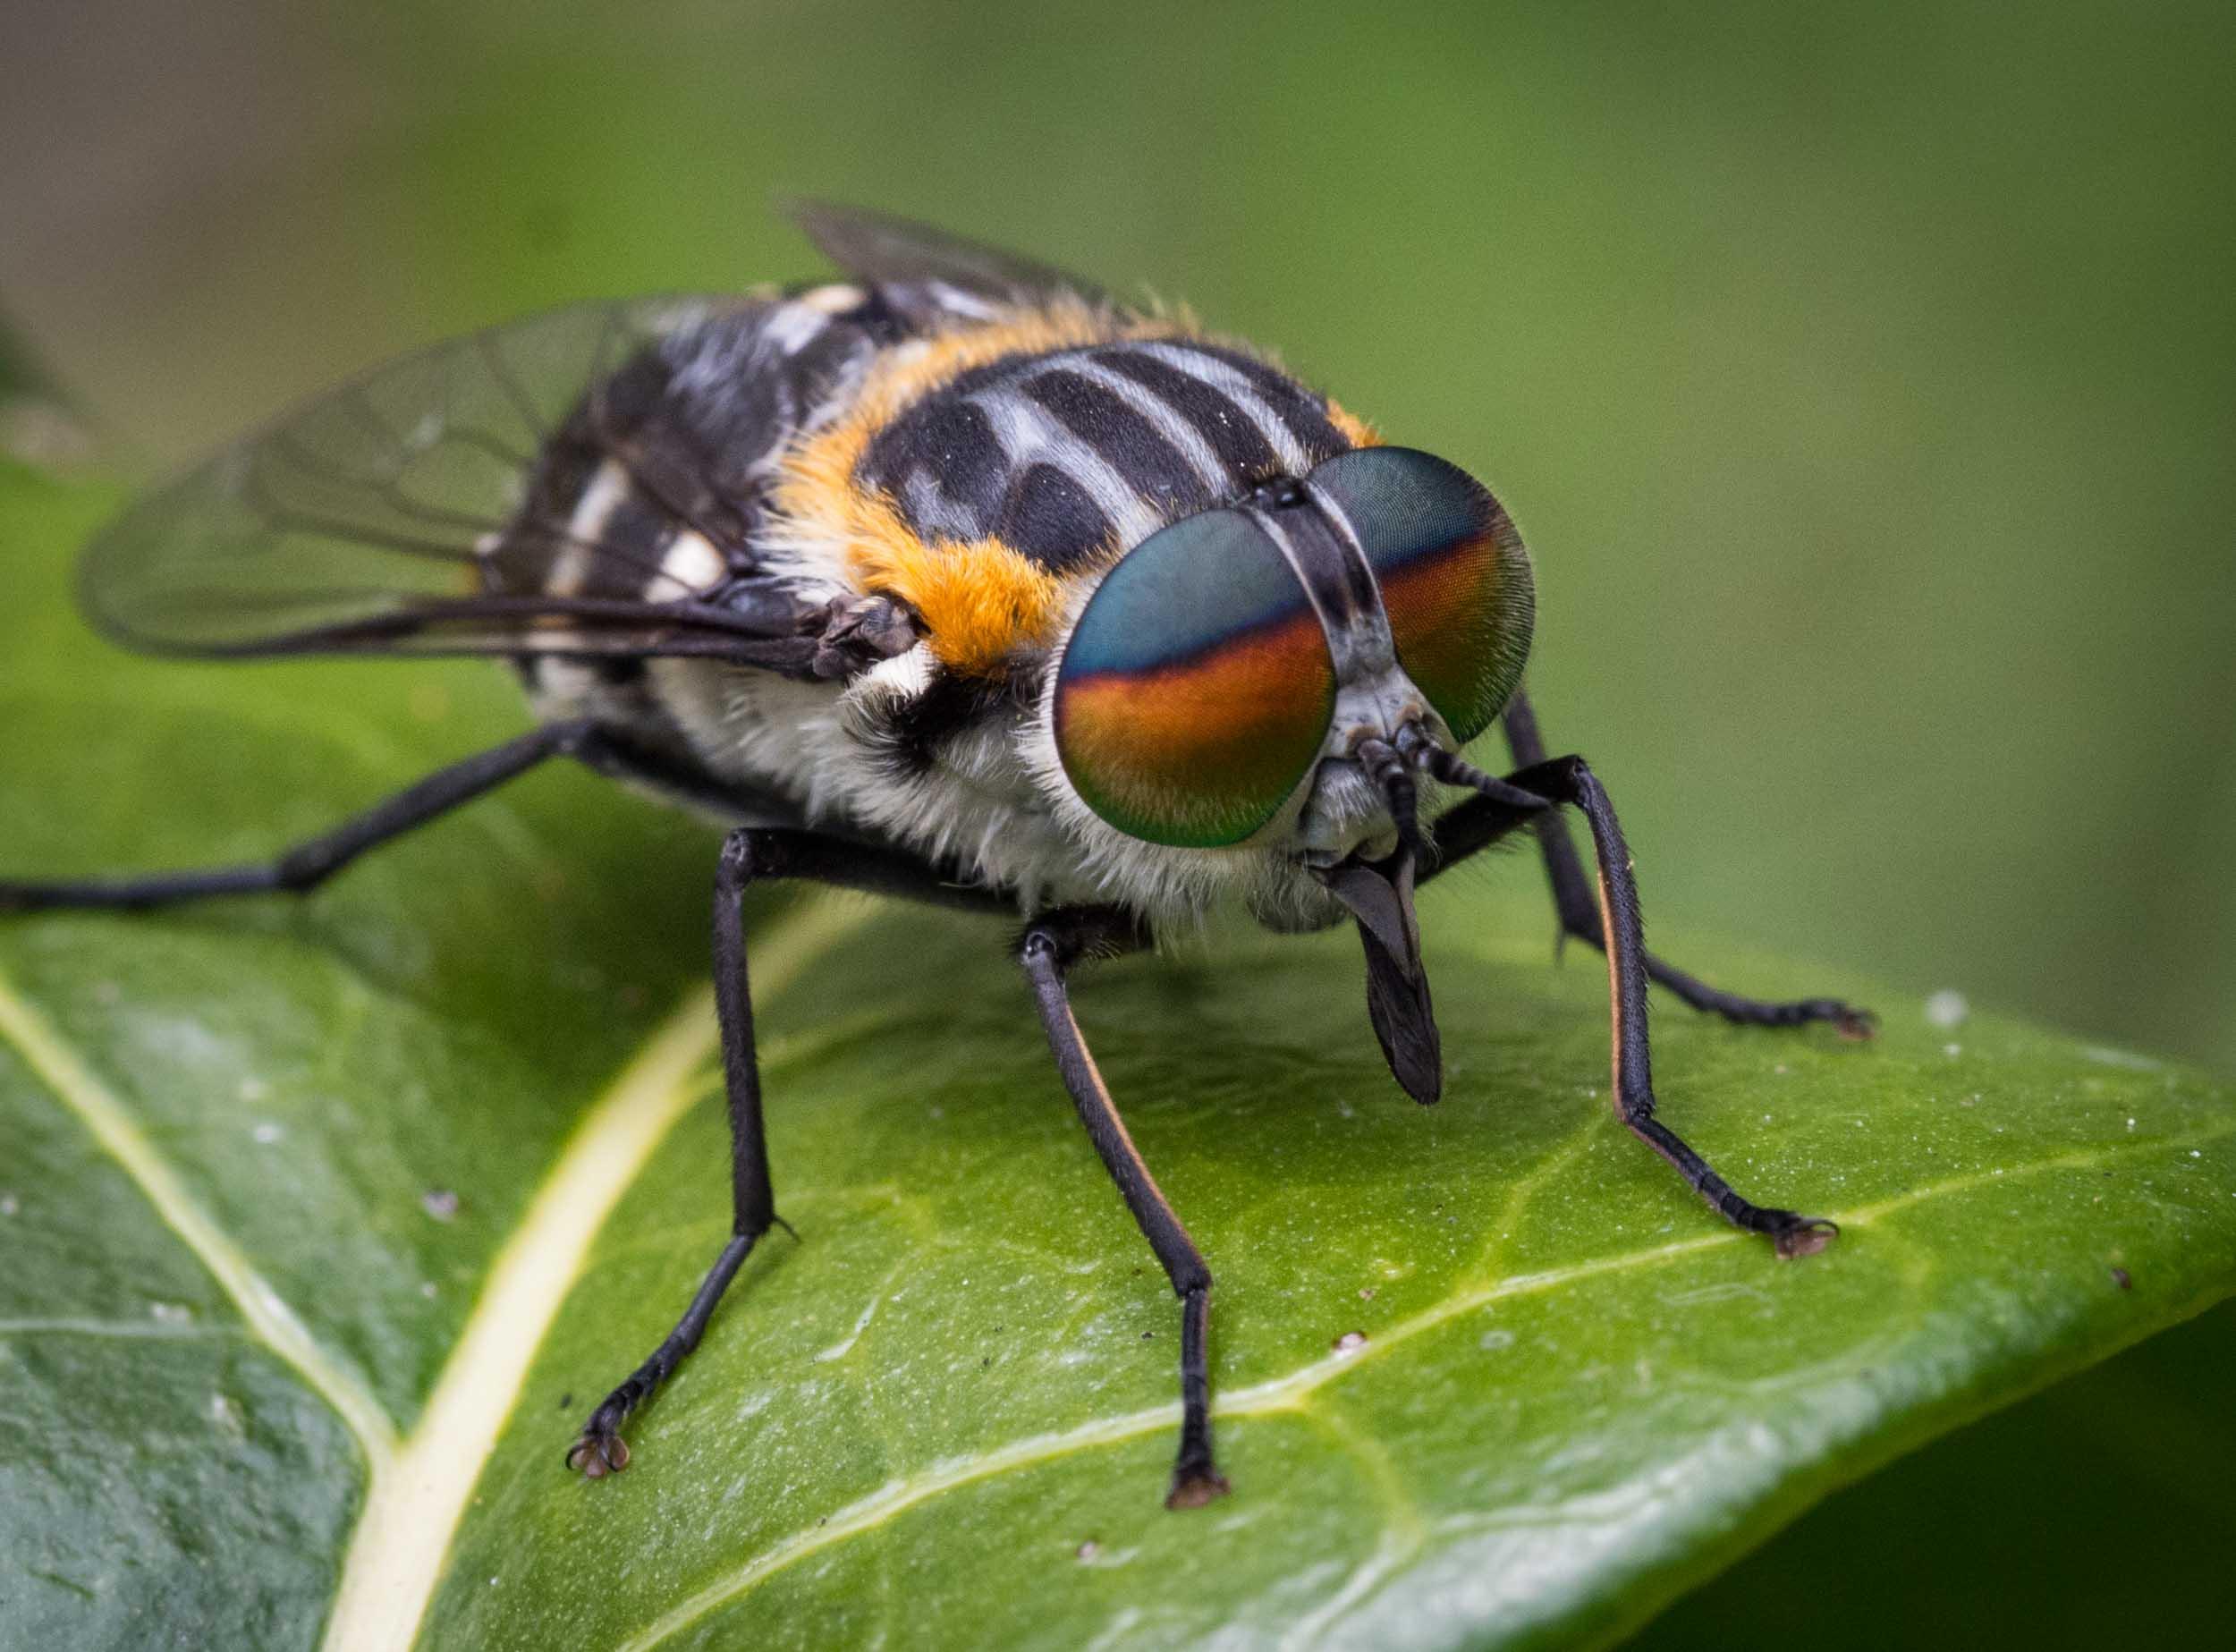 Flower-feeding March Fly